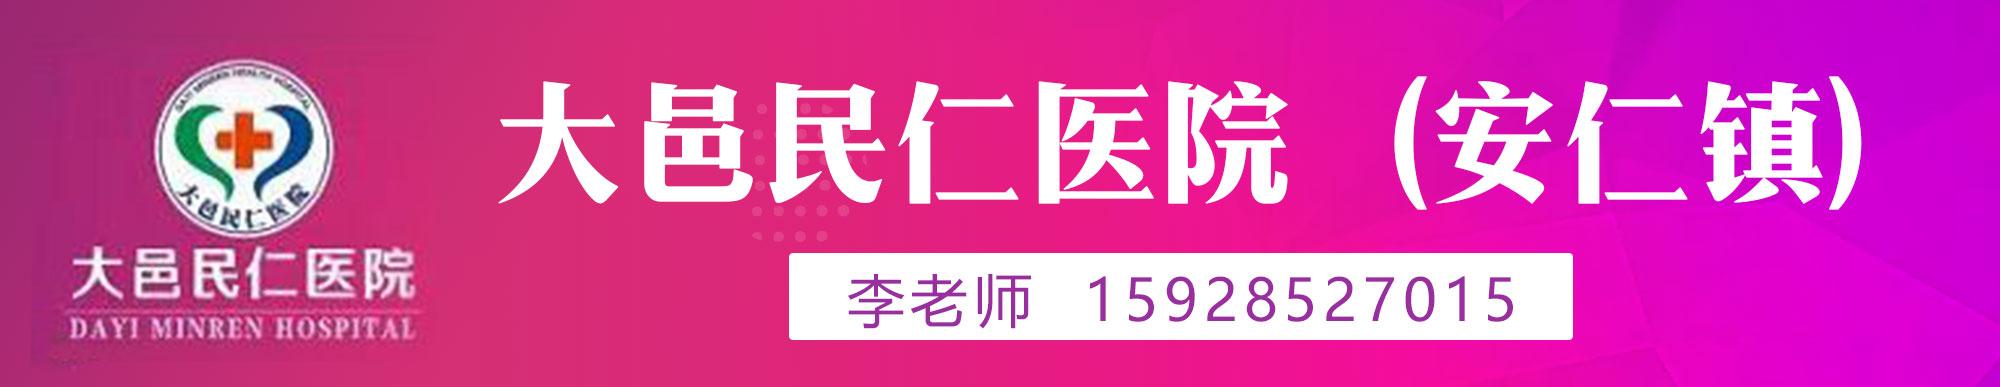 大邑民仁医院(安仁镇)